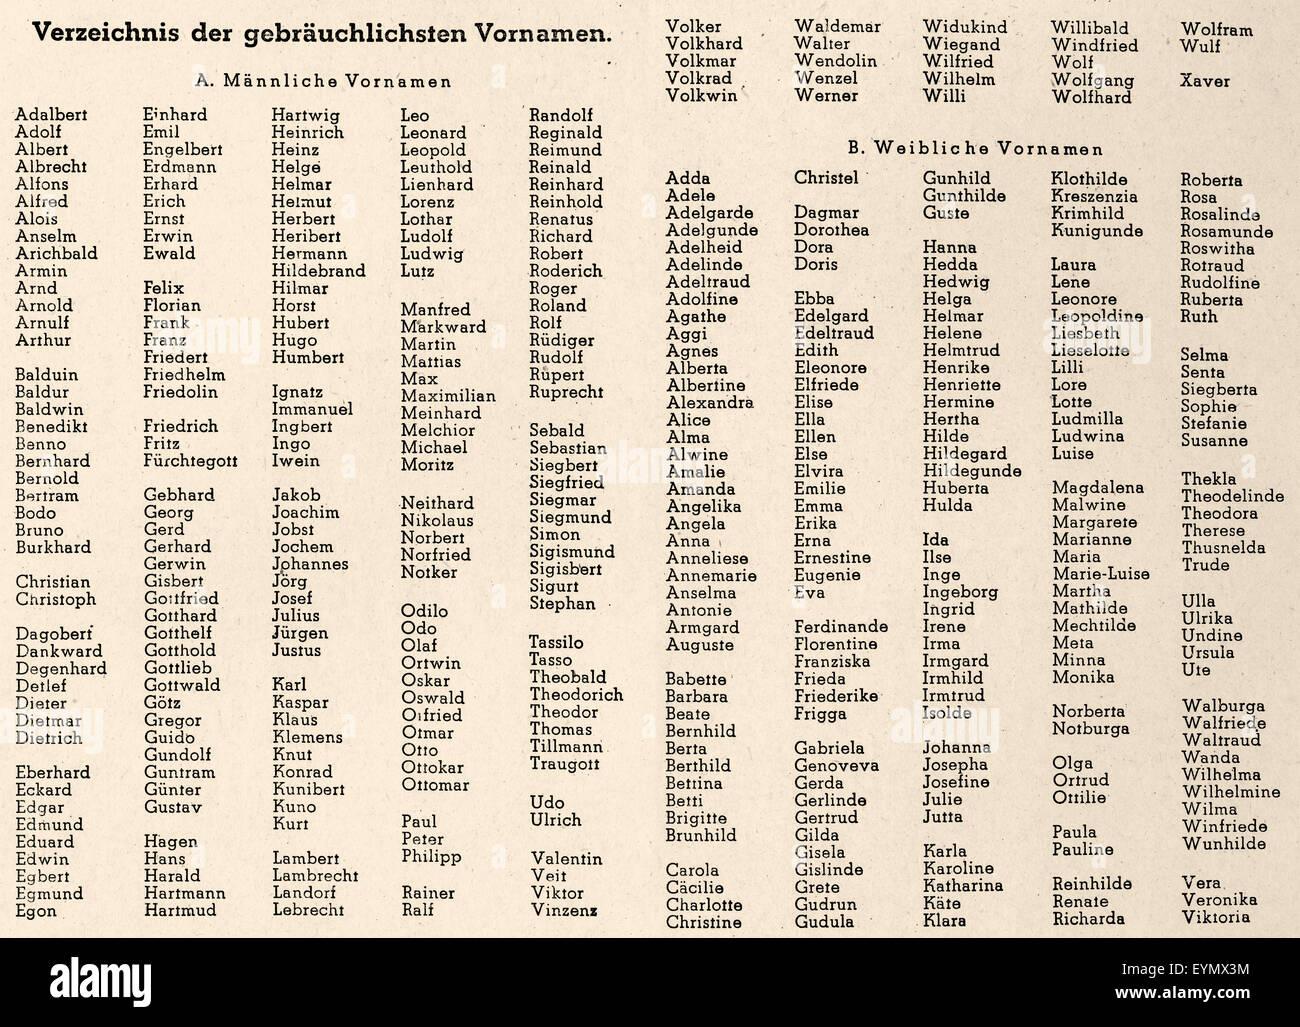 die beliebtesten Vornamen in Deutschland, 1948, Deutschland, Europa Stockbild